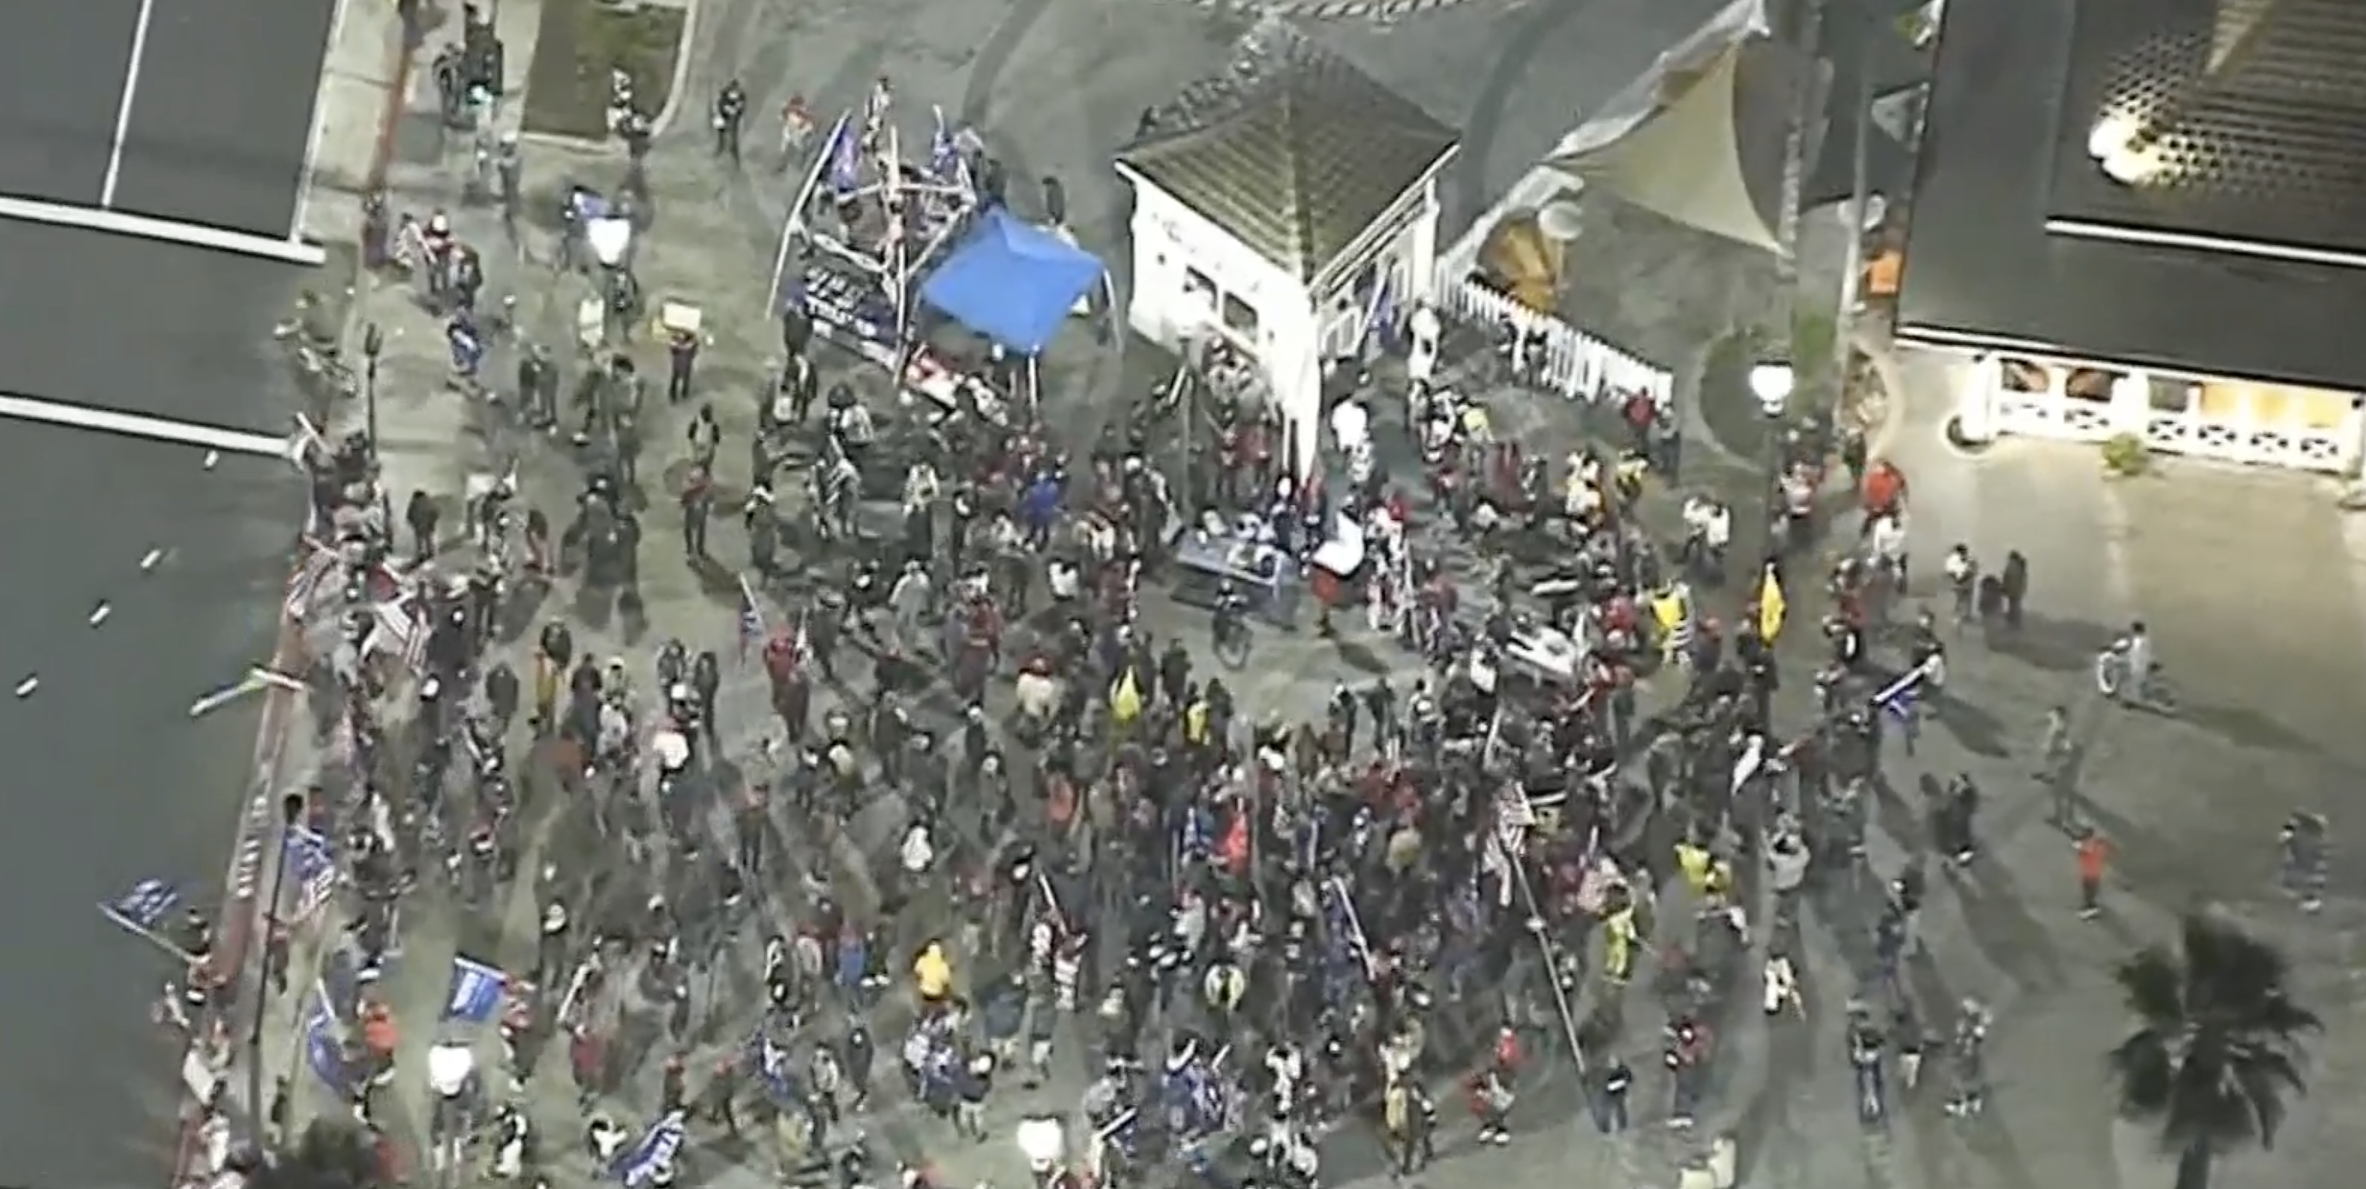 數百人聚集到新港灘碼頭抗議宵禁政策。NBC LA新聞畫面